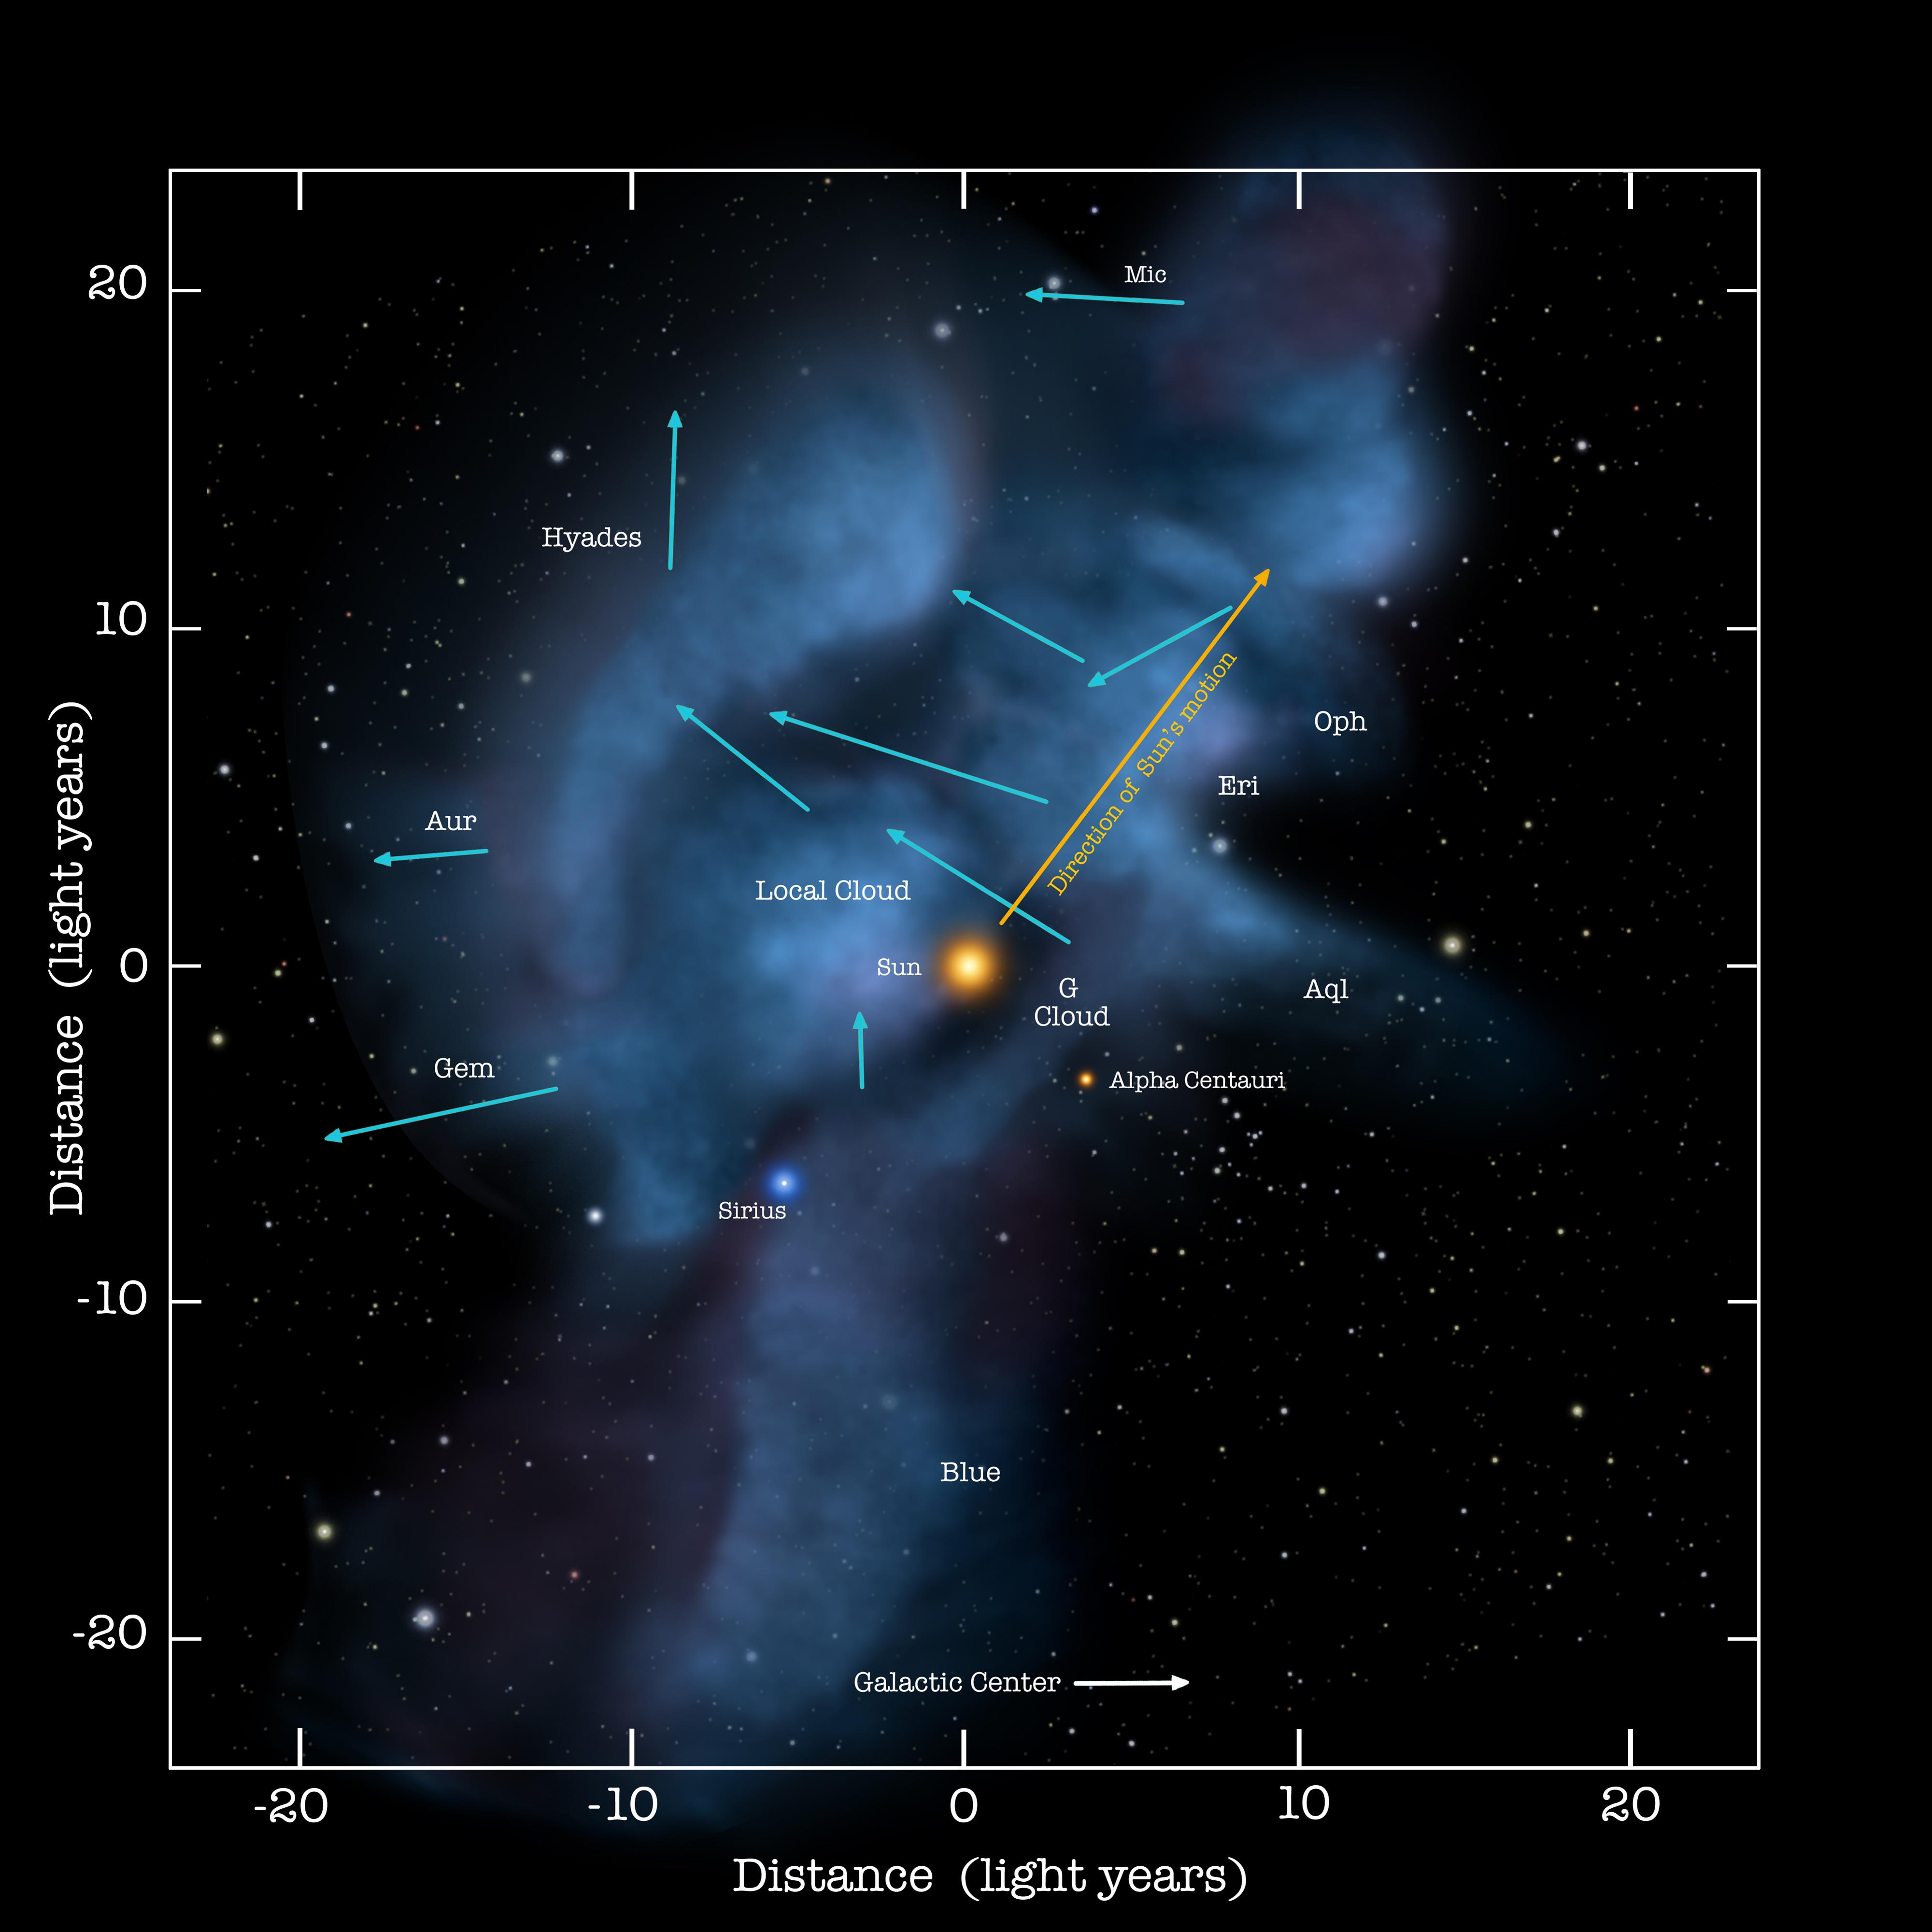 Diagramme des nuages avoisinants de matière au travers lesquels le Système solaire voyage ; les flèches indiquent le mouvement des nuages - Nasa/Goddard/Adler/U. Chicago/Wesleyan - Huntster - Wikimedia Commons